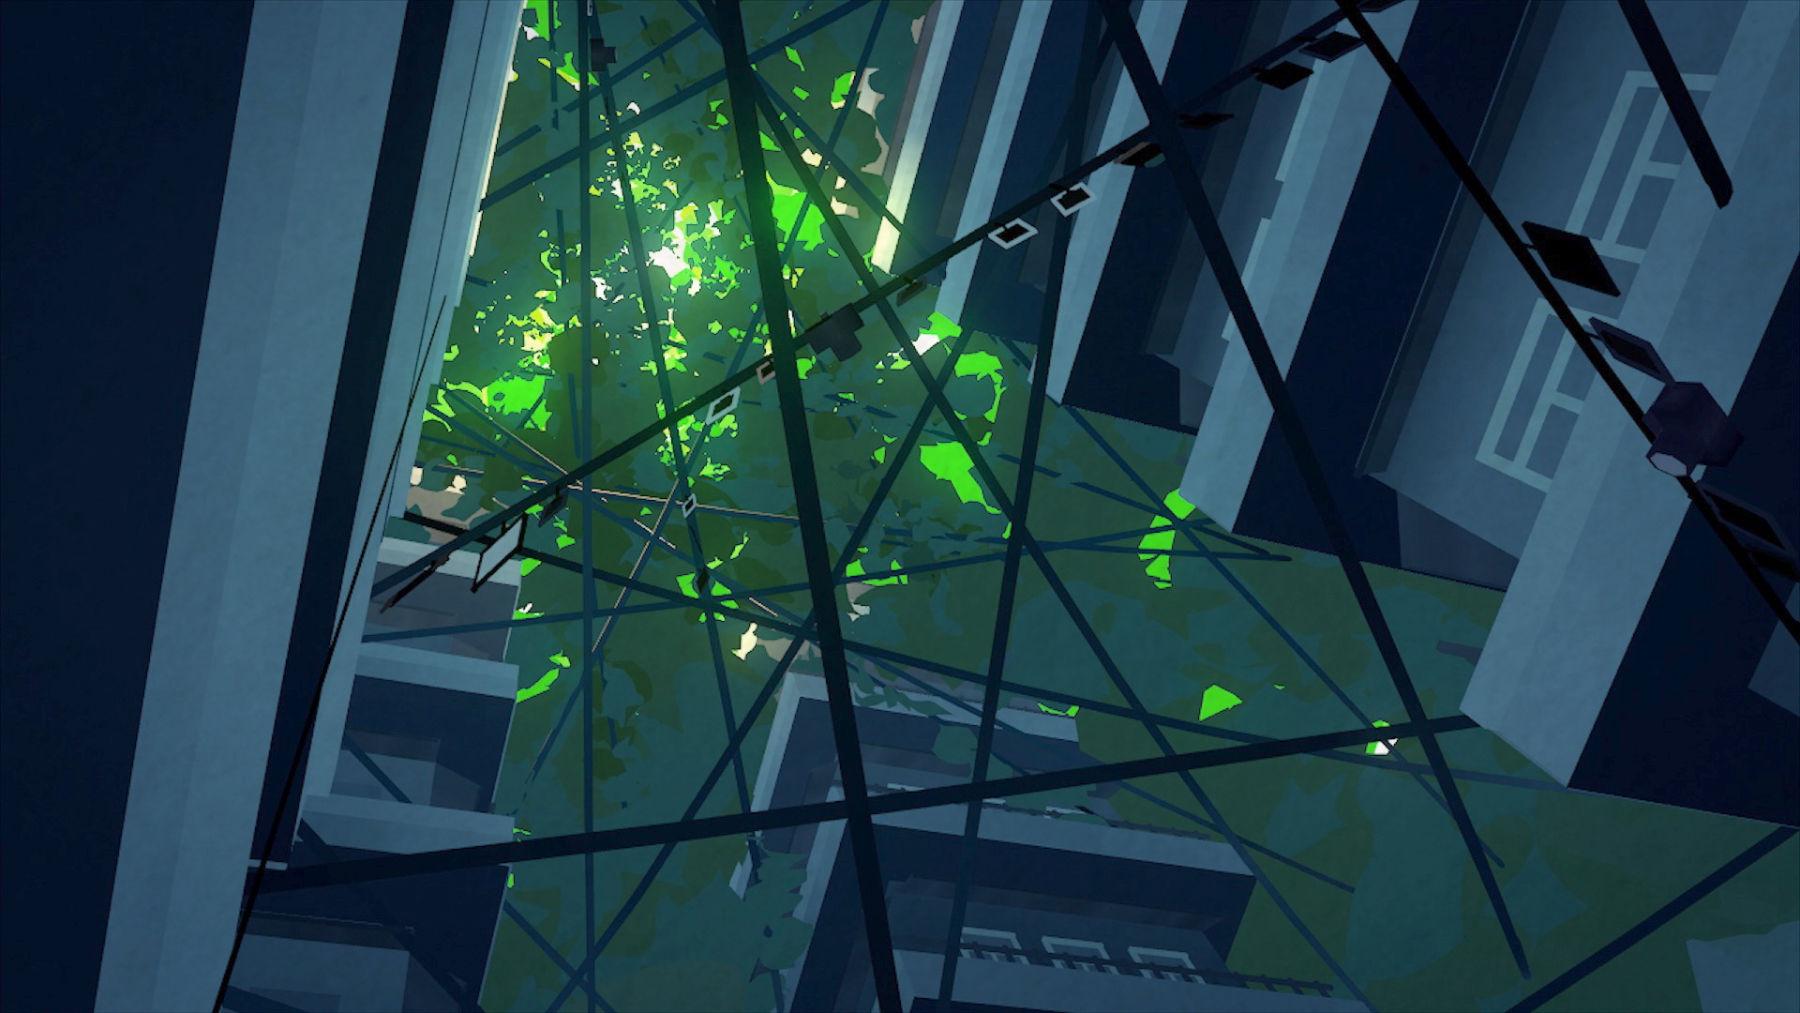 Wired – анимационный фильм из нескольких сцен, нарисованный и анимированный в VR - 2